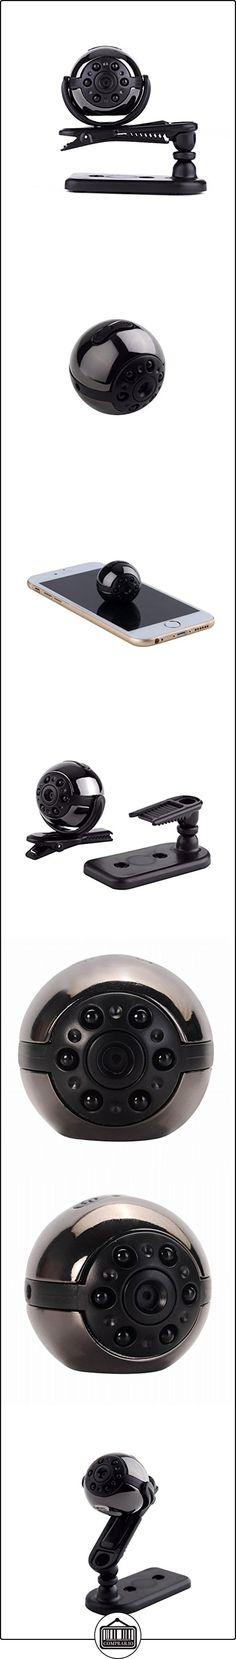 Mengshen® 1080P visión nocturna por infrarrojos Mini DV rotación de 360 ??grados vídeo espía cámara oculta grabadora de voz del coche DVR de la detección del movimiento de la videocámara MS-SQ9 ✿ Vigilabebés - Seguridad ✿ ▬► Ver oferta: http://comprar.io/goto/B01M2VGQ75